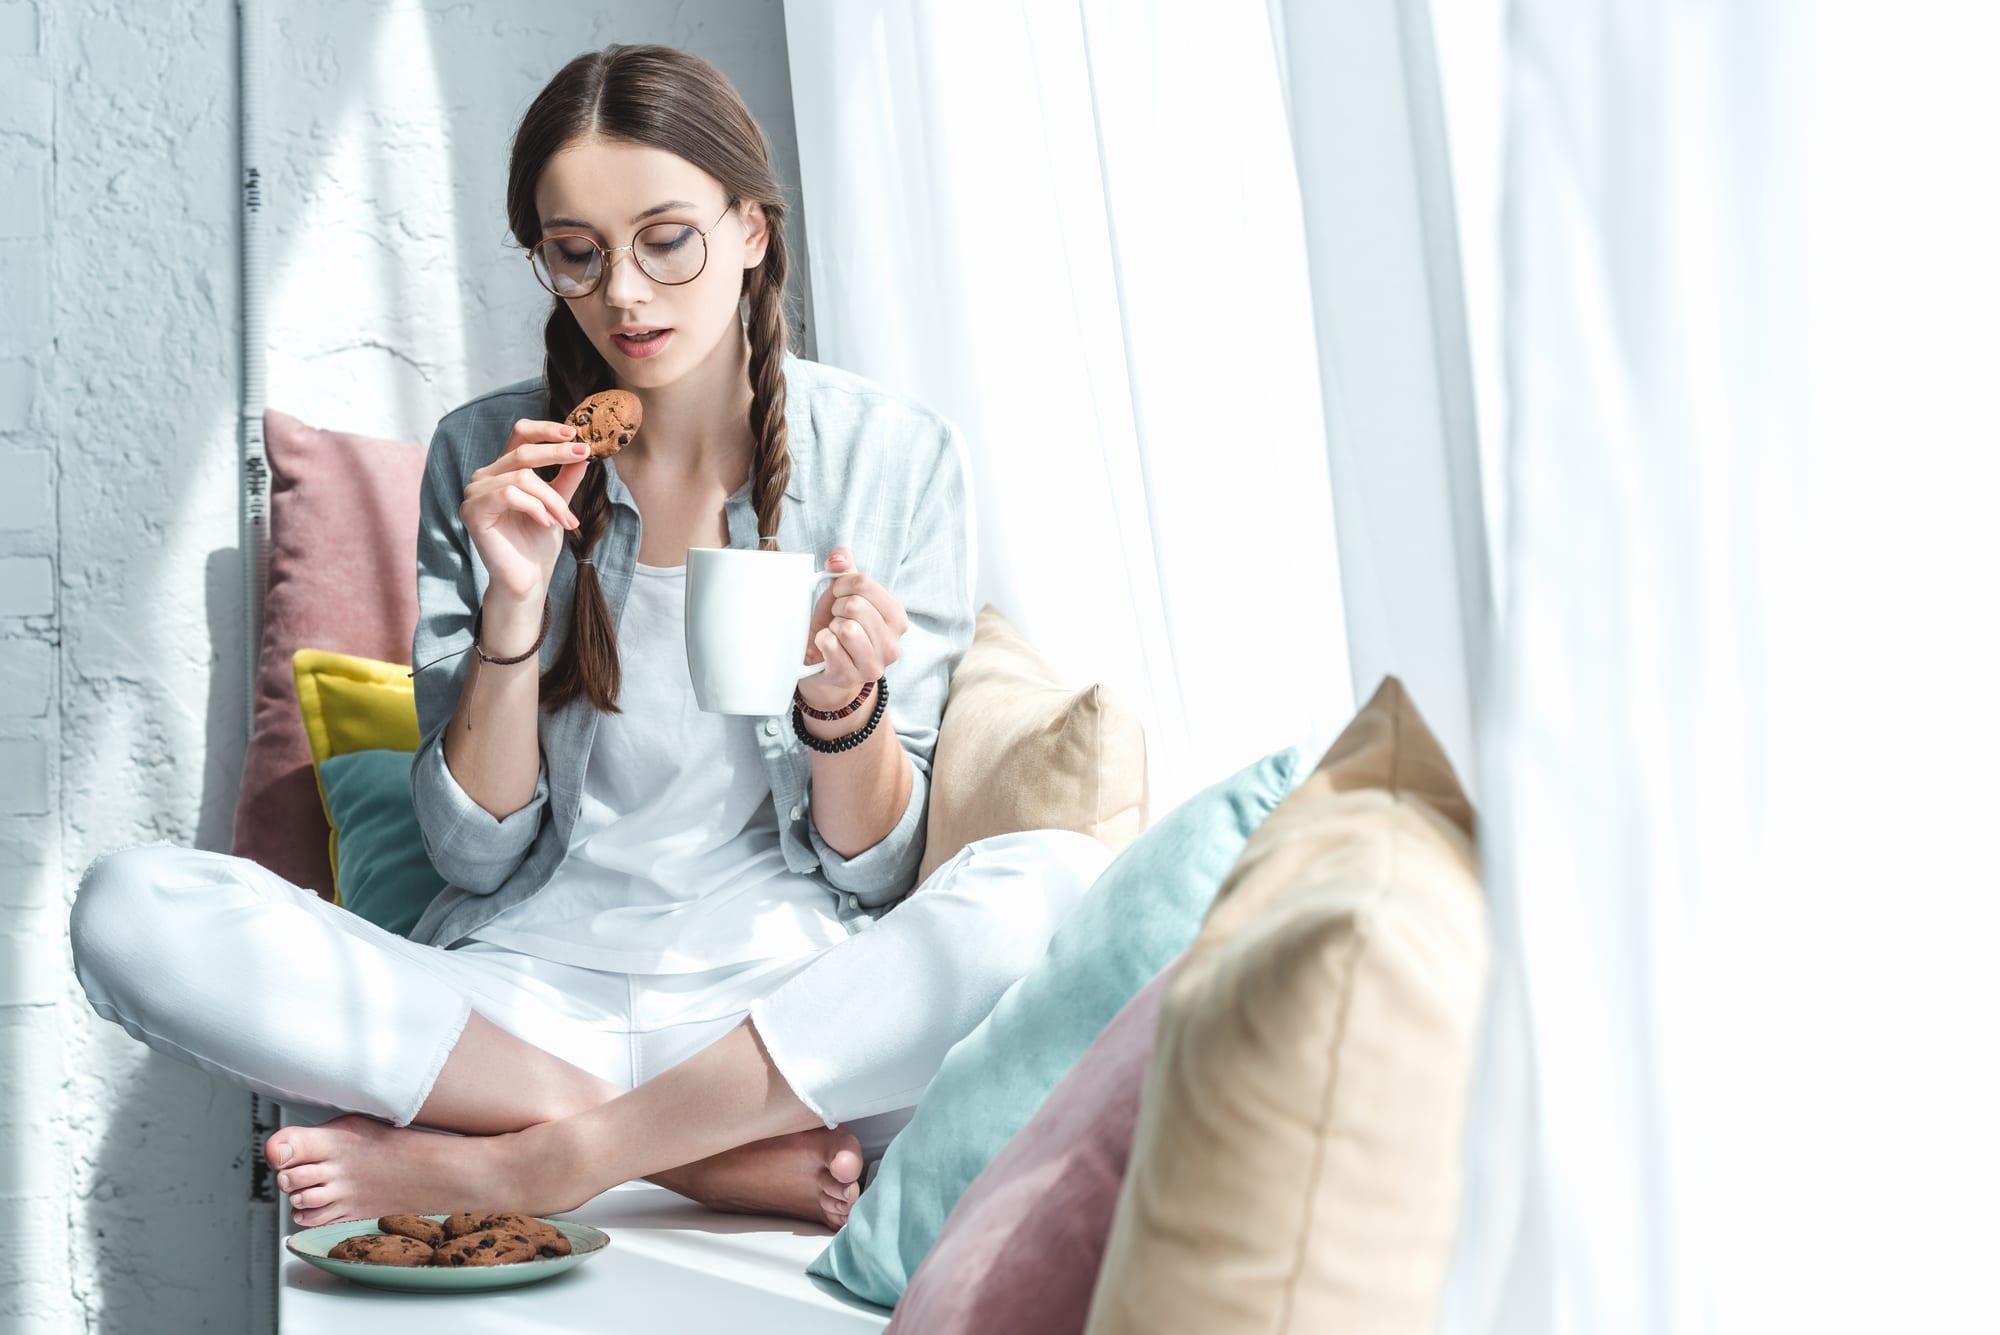 Túlsúlyos és folyton éhes vagy? Itt a magyarázat!